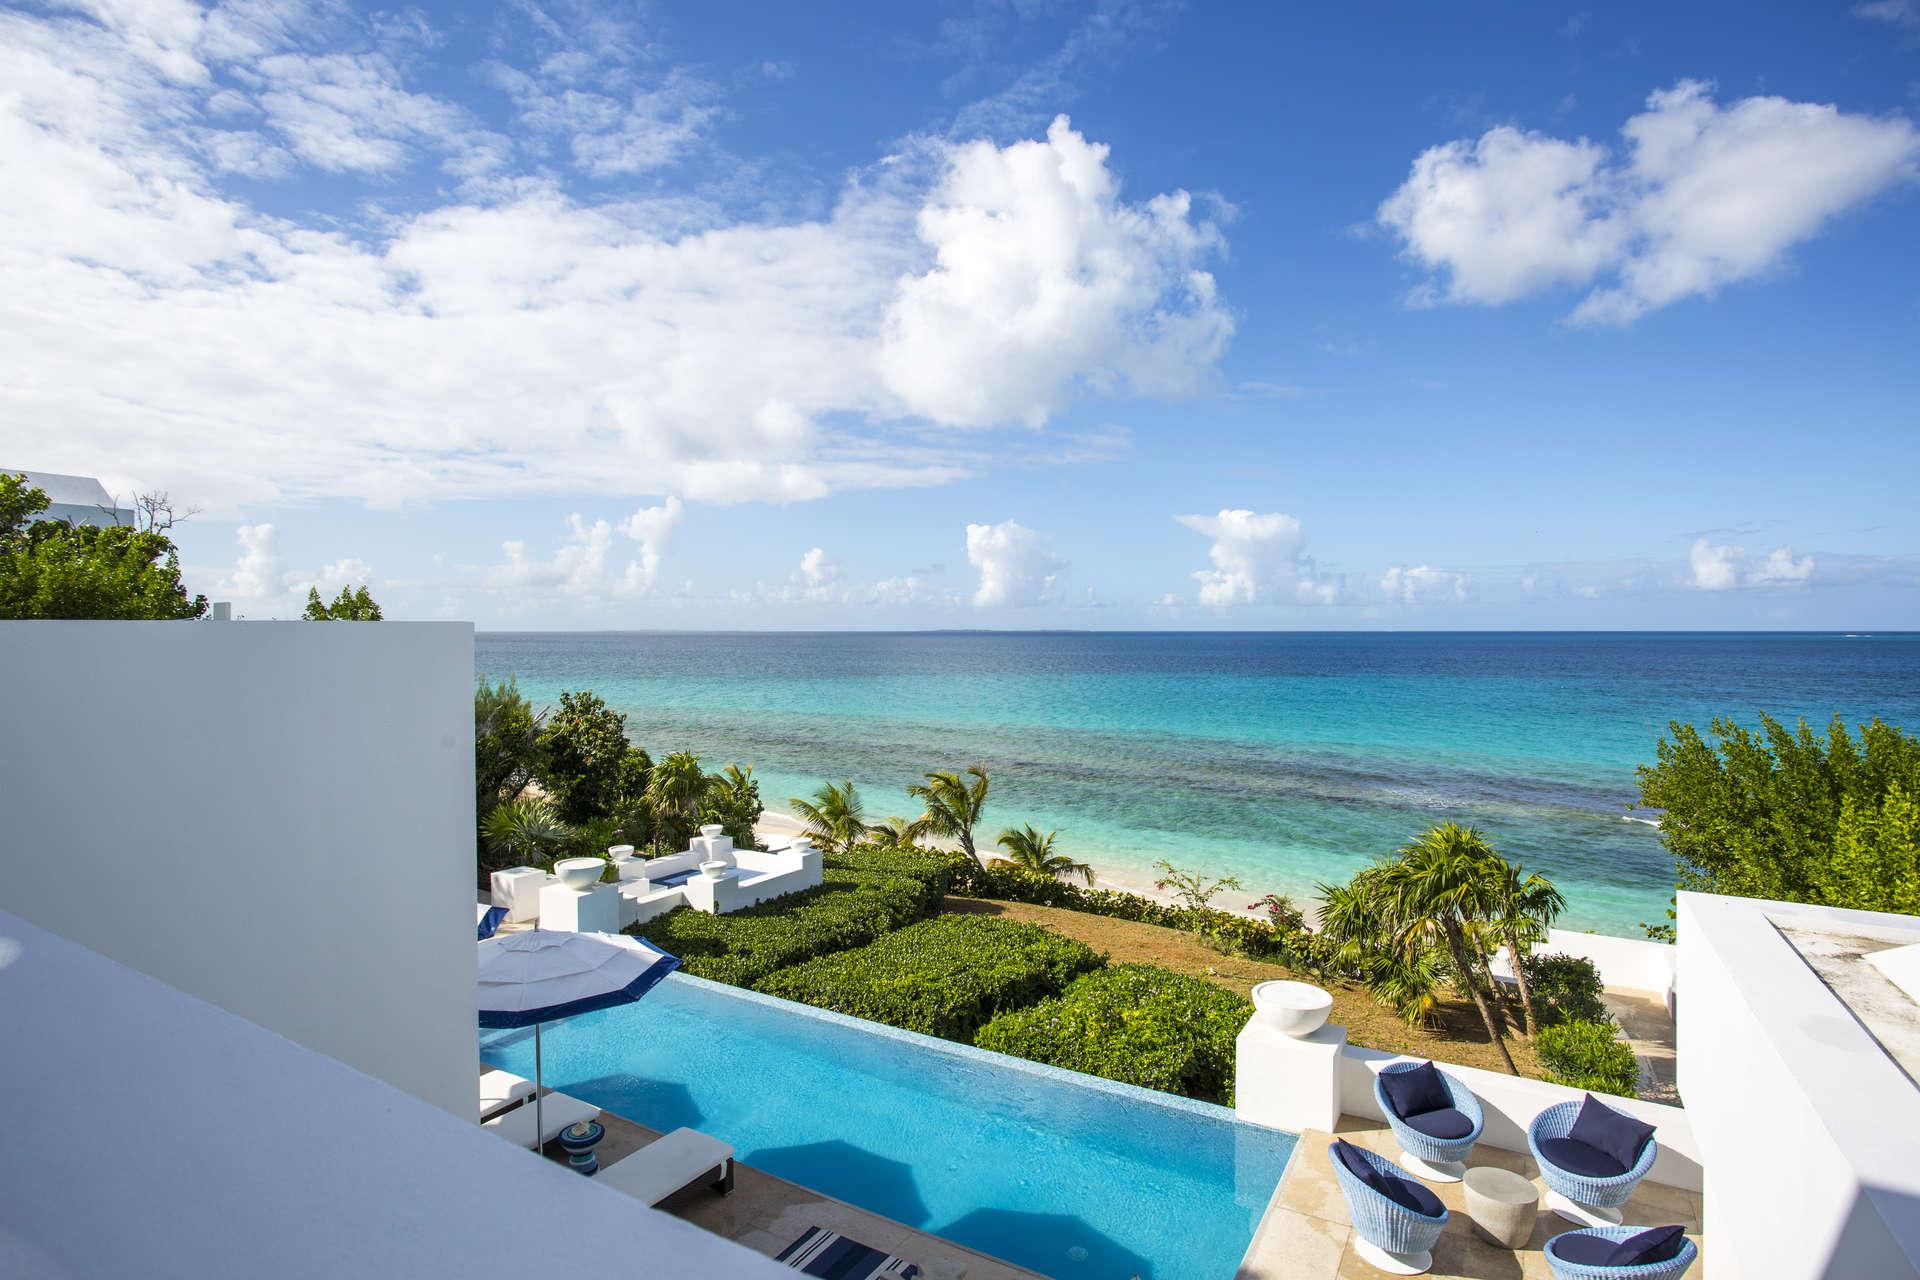 Luxury villa rentals caribbean - Anguilla - Longbay - No location 4 - Sand Villa - Image 1/20